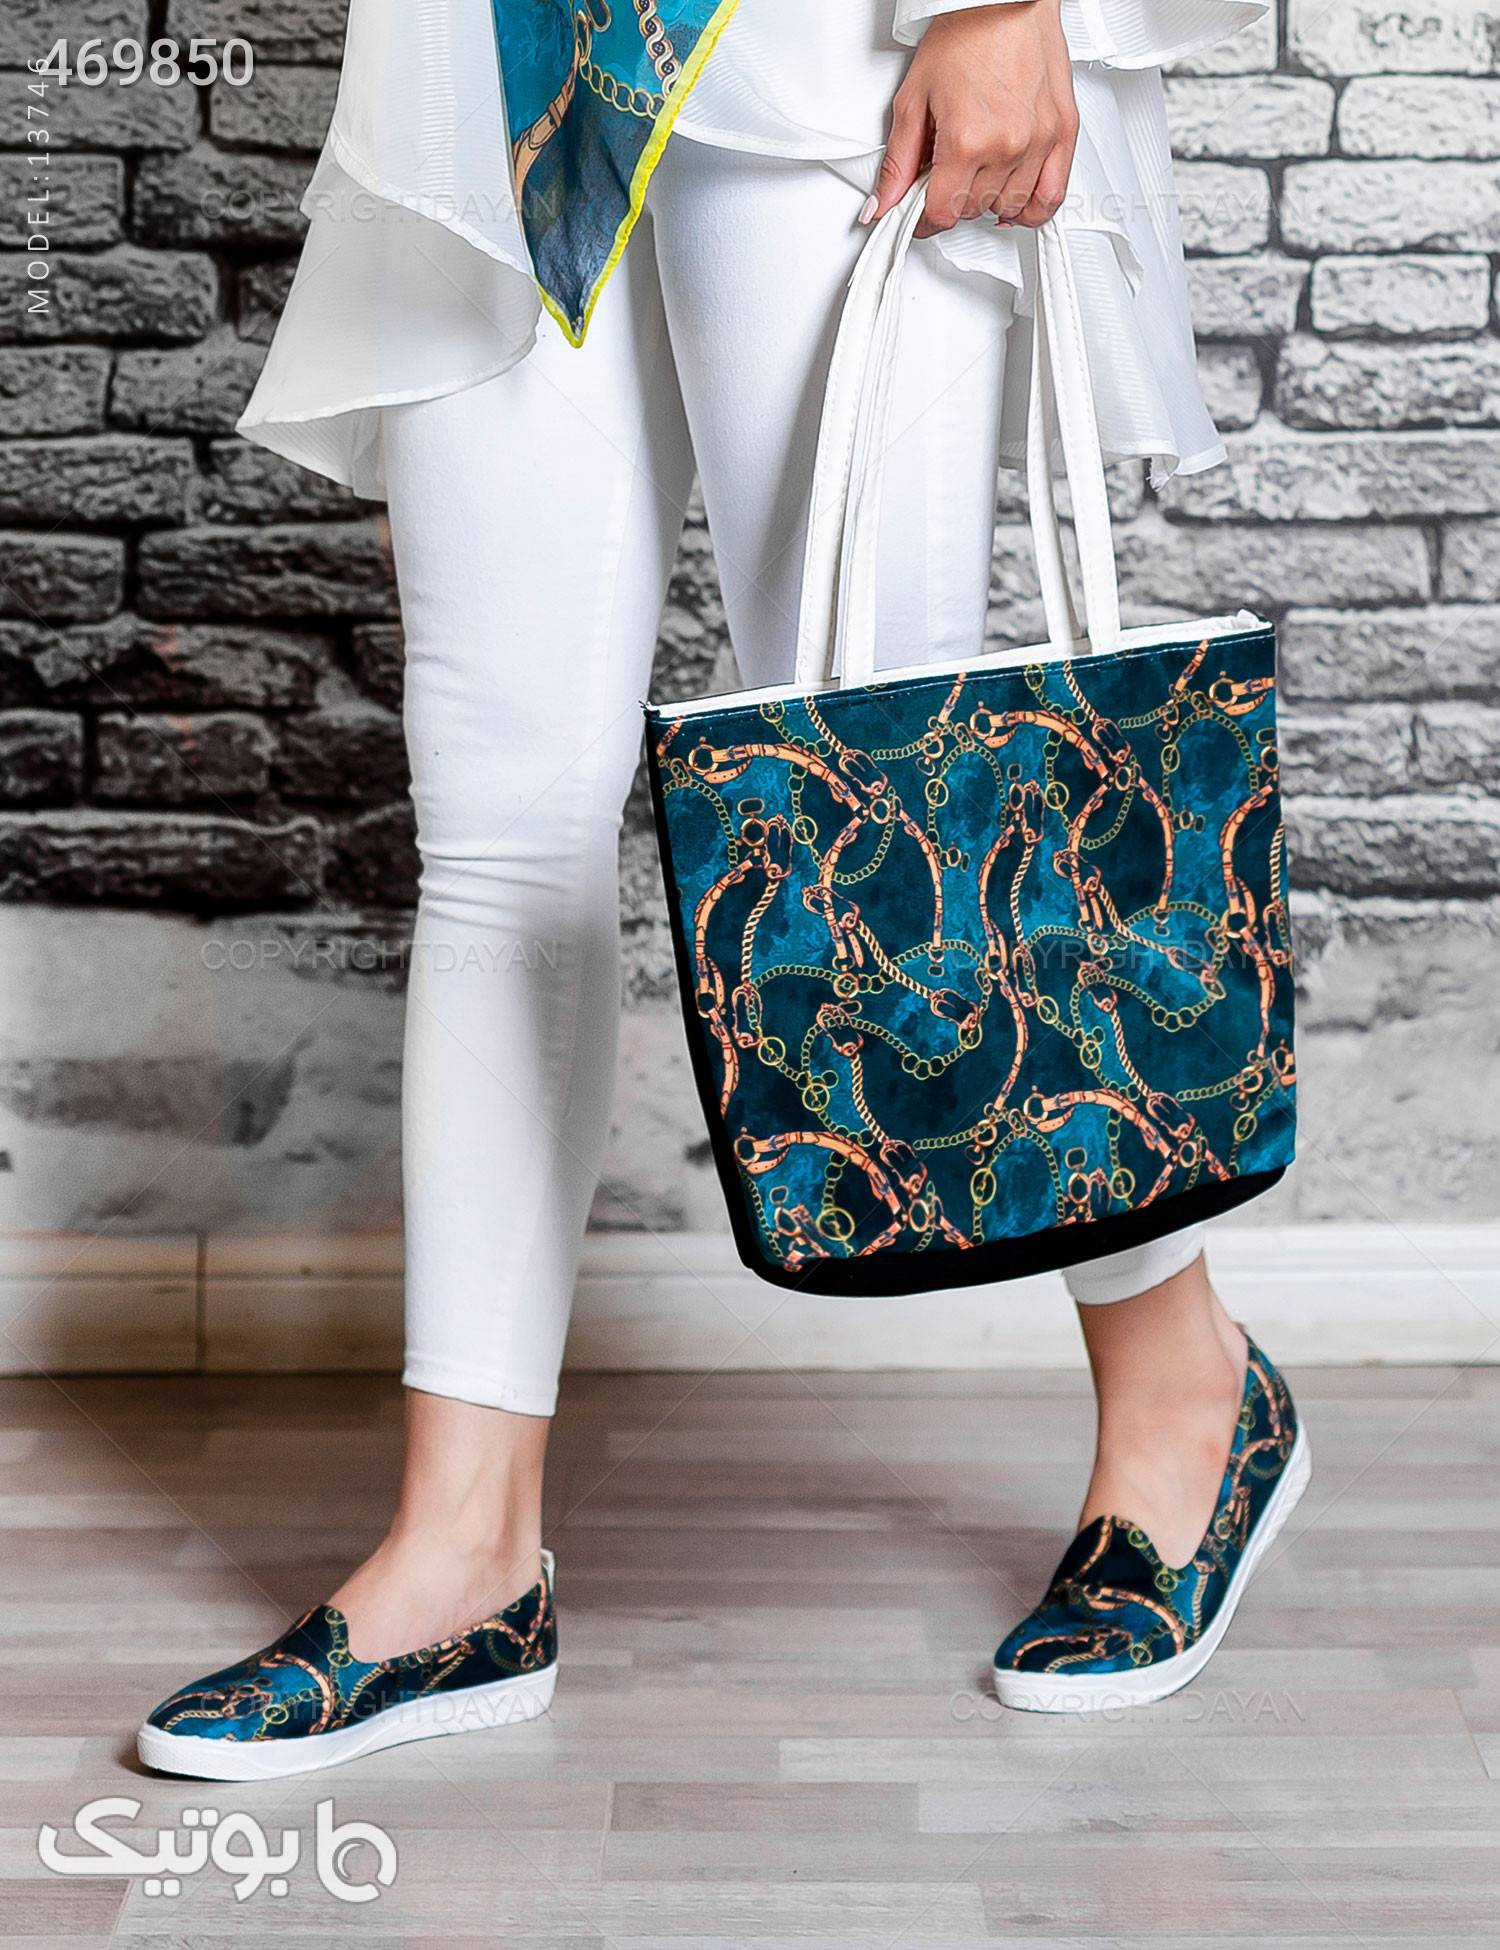 ست سه تیکه زنانه Olivia  مدل 13746 آبی ست کیف و کفش زنانه